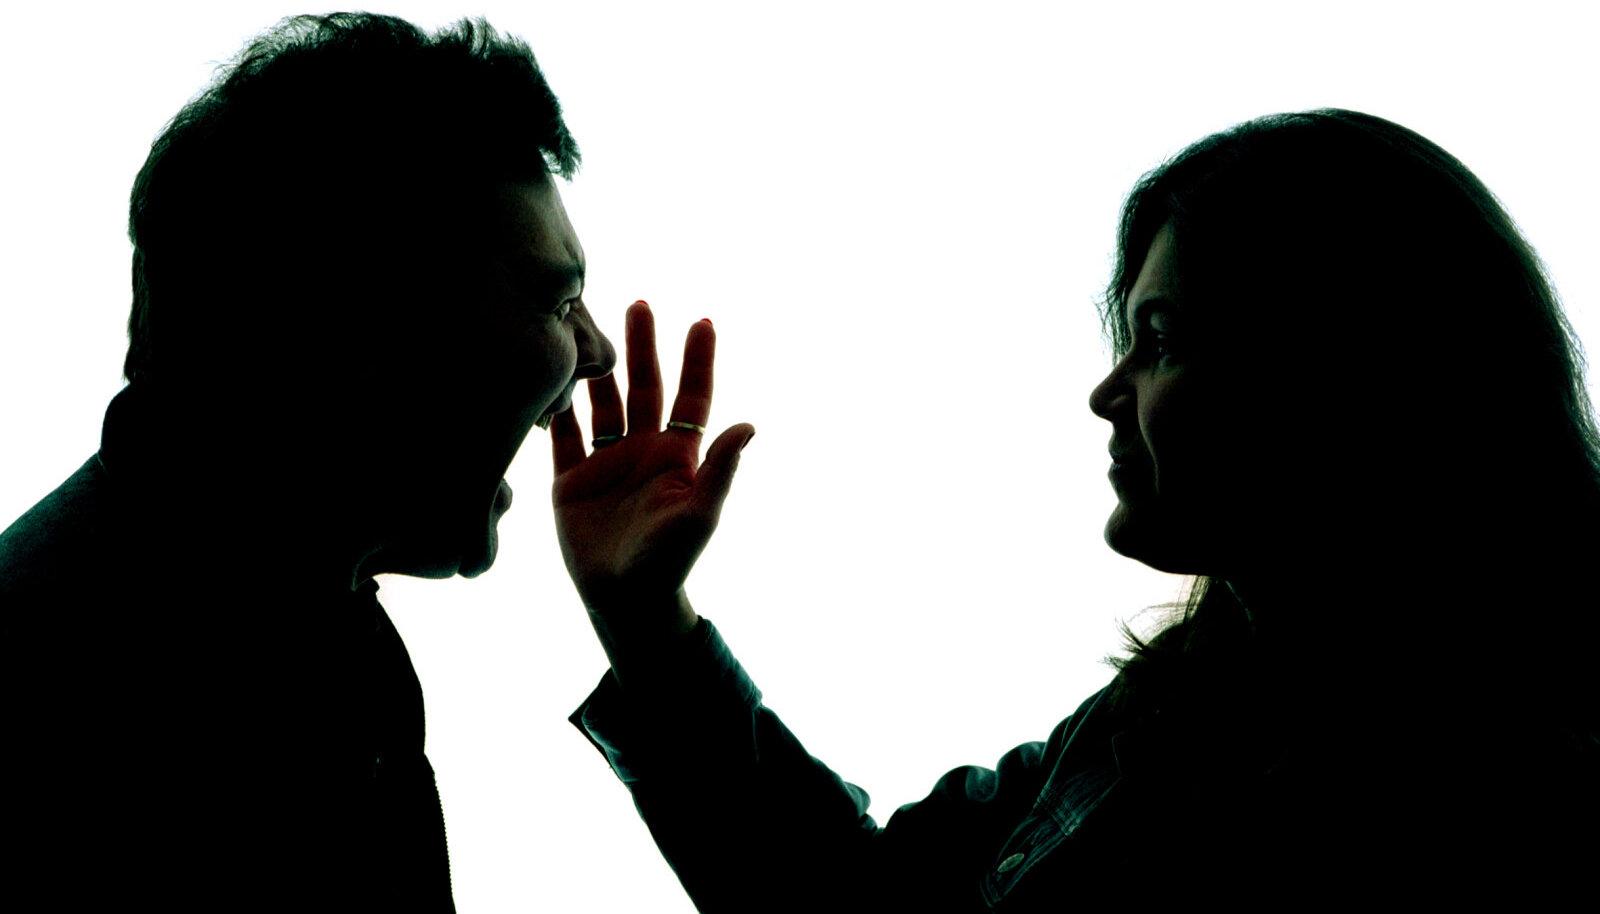 Mehe ja naise tüli. Pilt on illustratiivne.